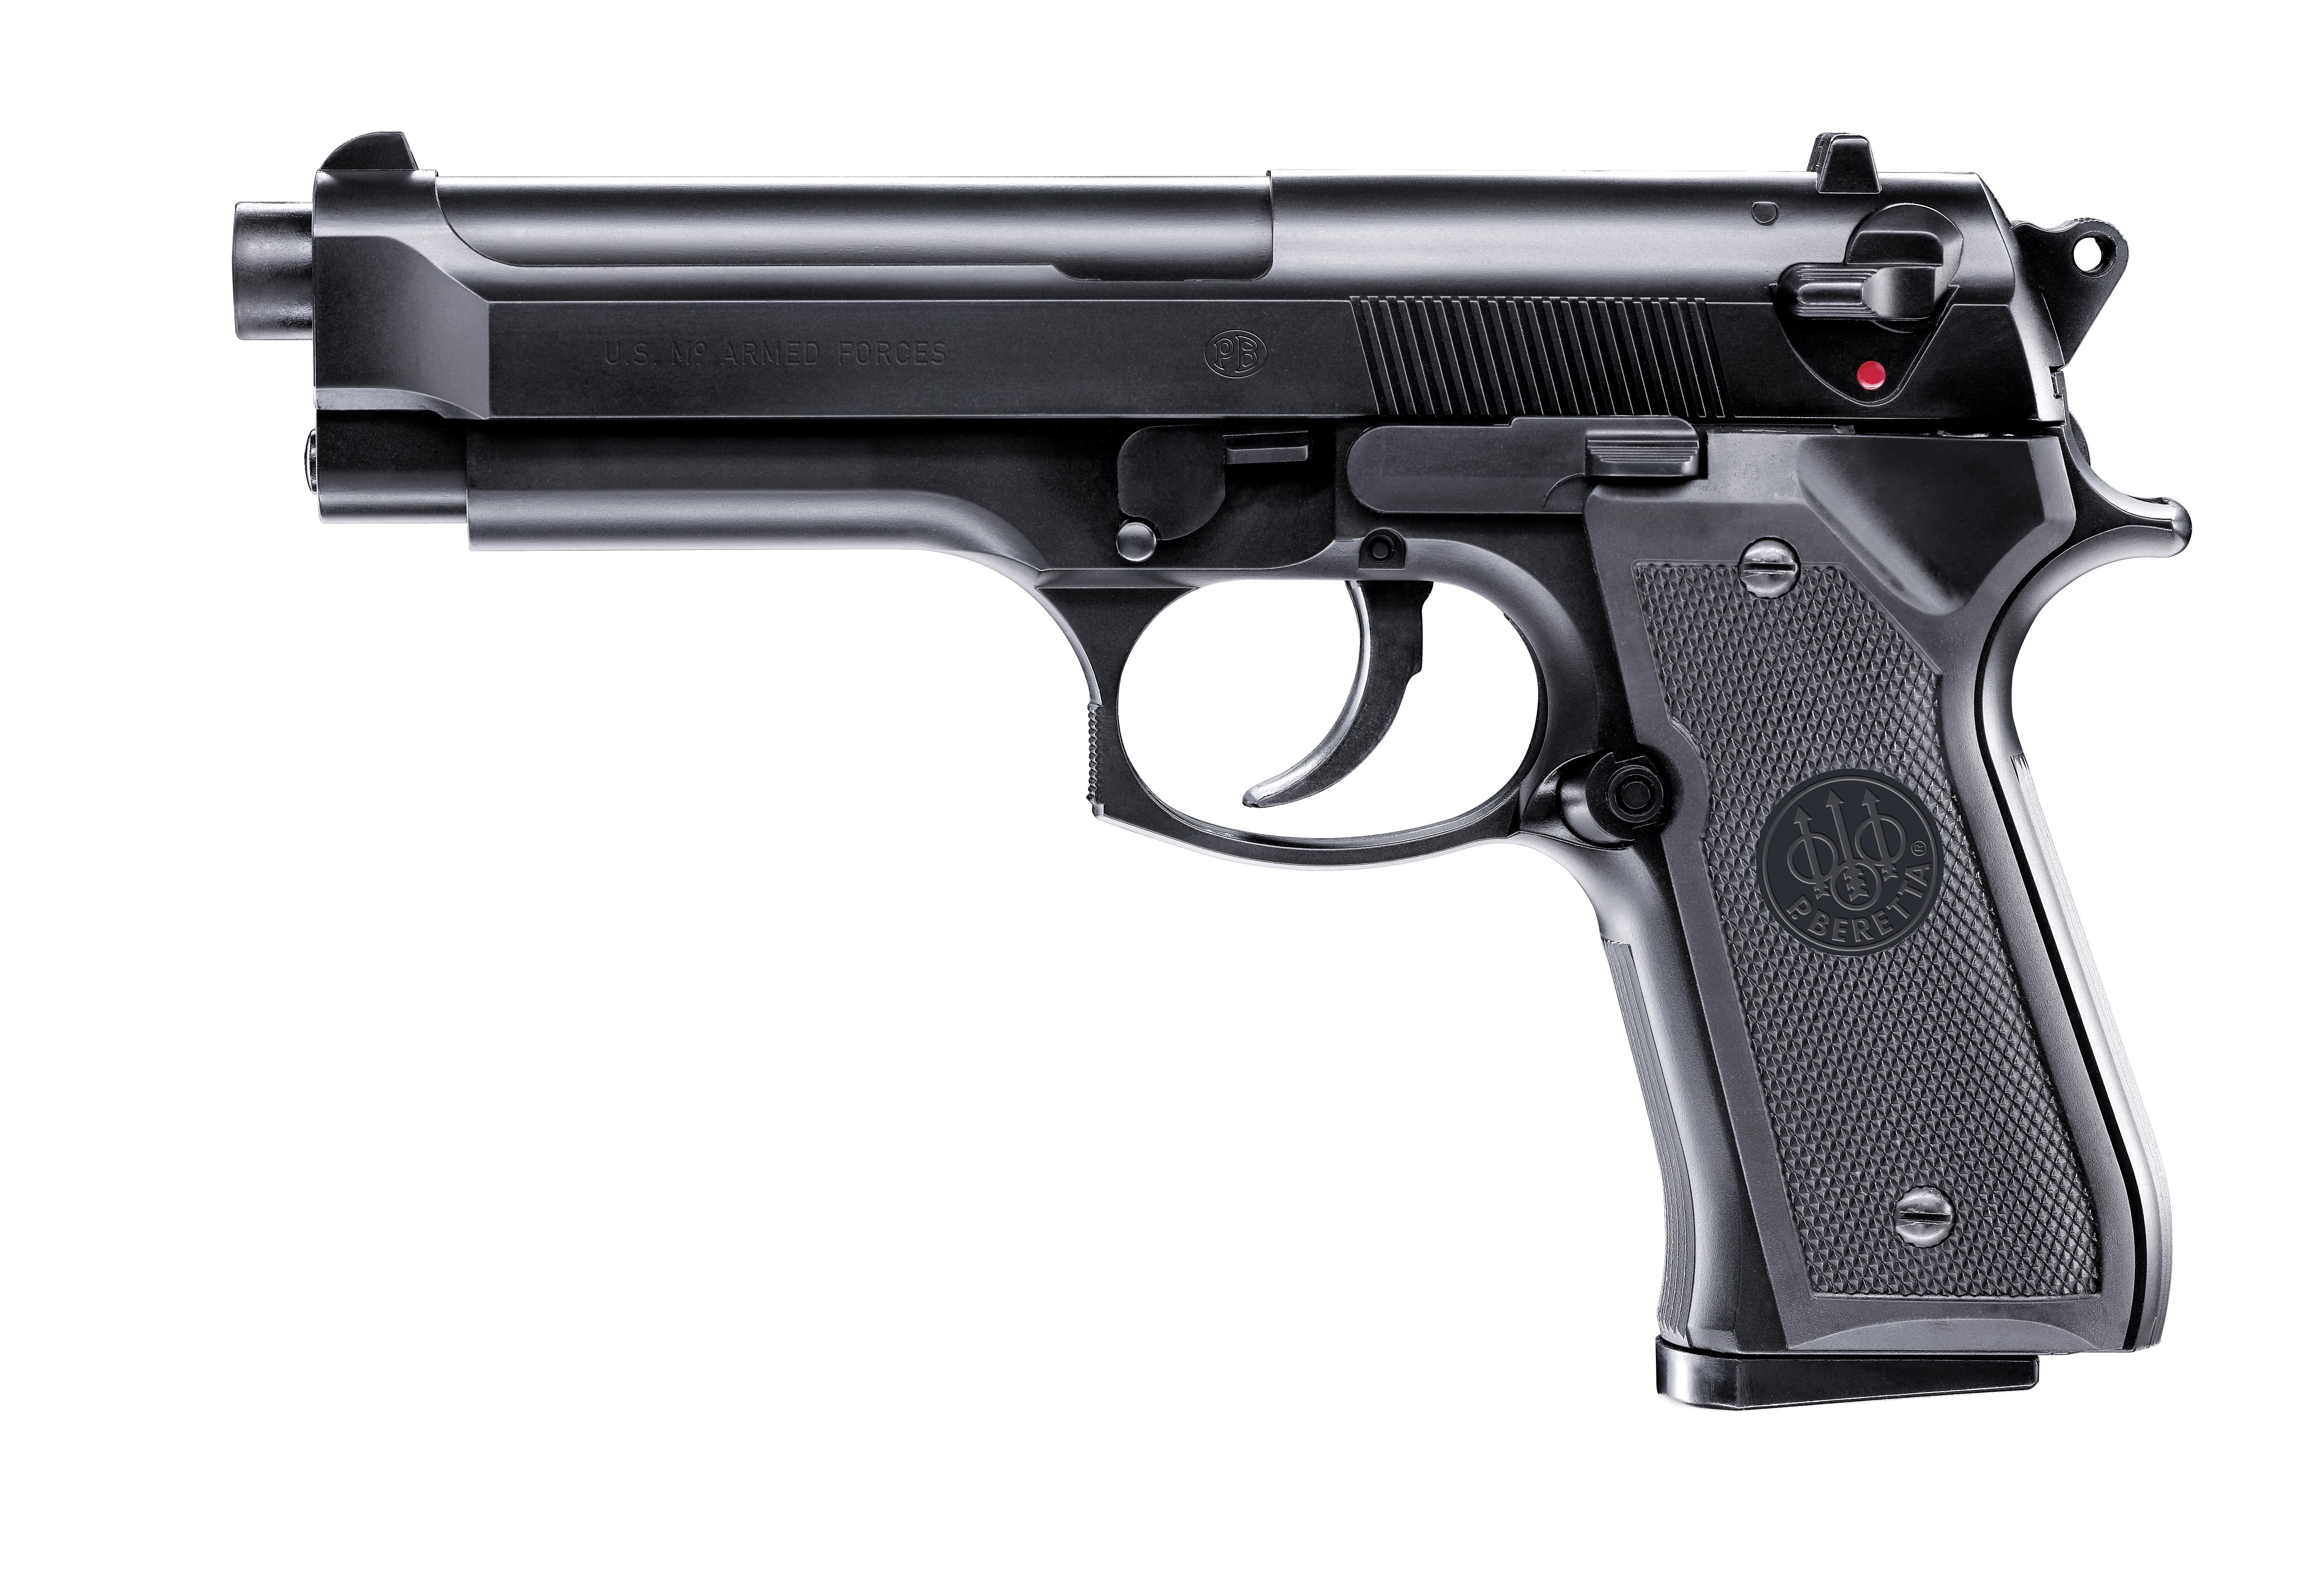 BERETTA (Umarex) Airsoft Pistol M9 World Defender